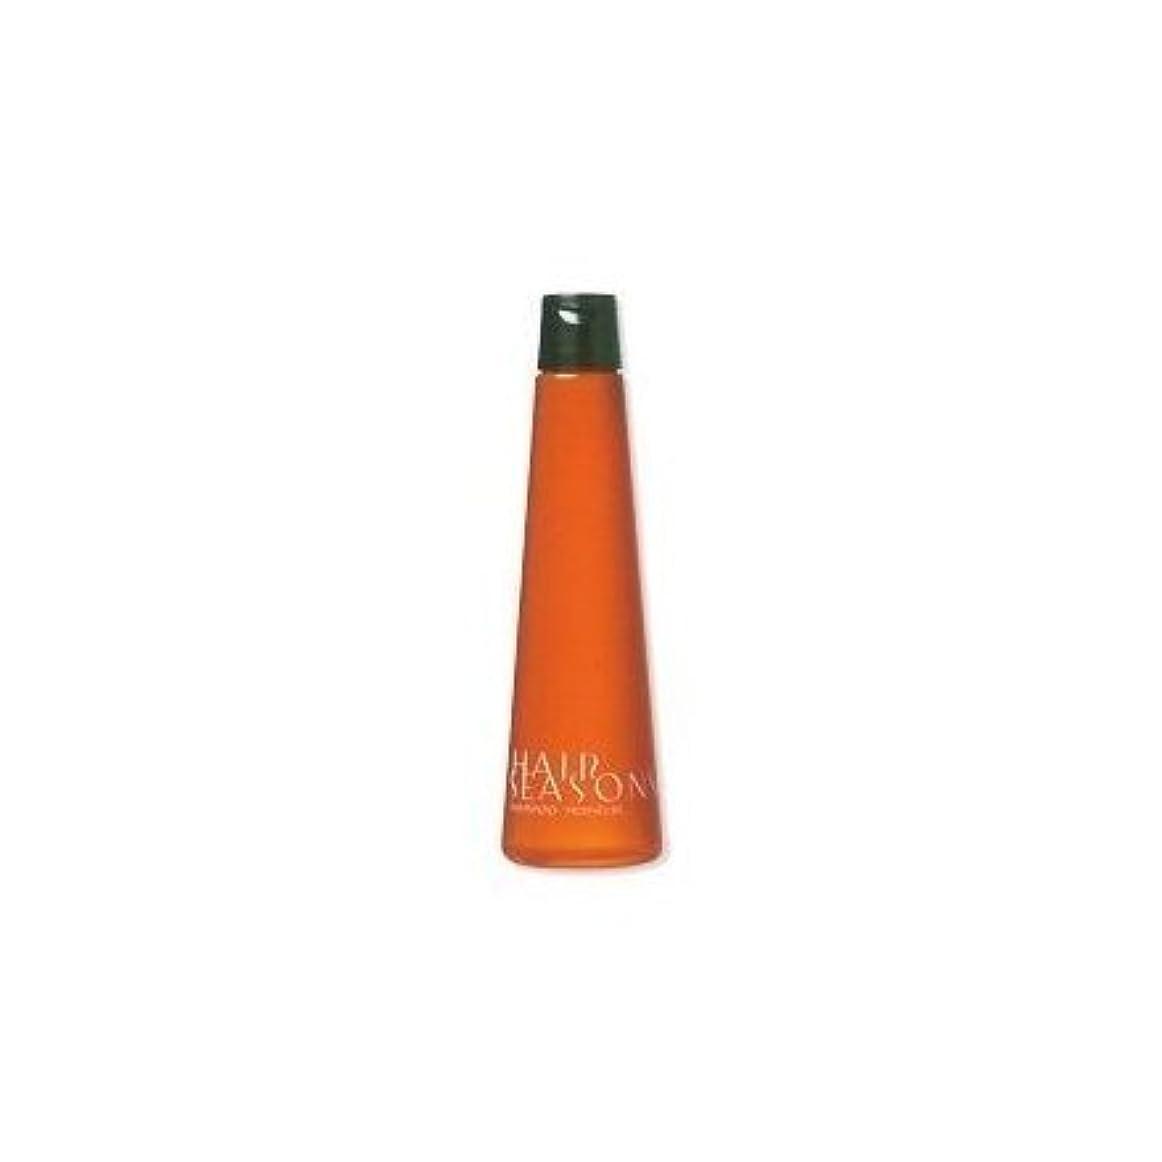 飲料荒らす寛容なデミ ヘアシーズンズ シャンプー モイスチャー 250ml DEMI HAIR SEASONS